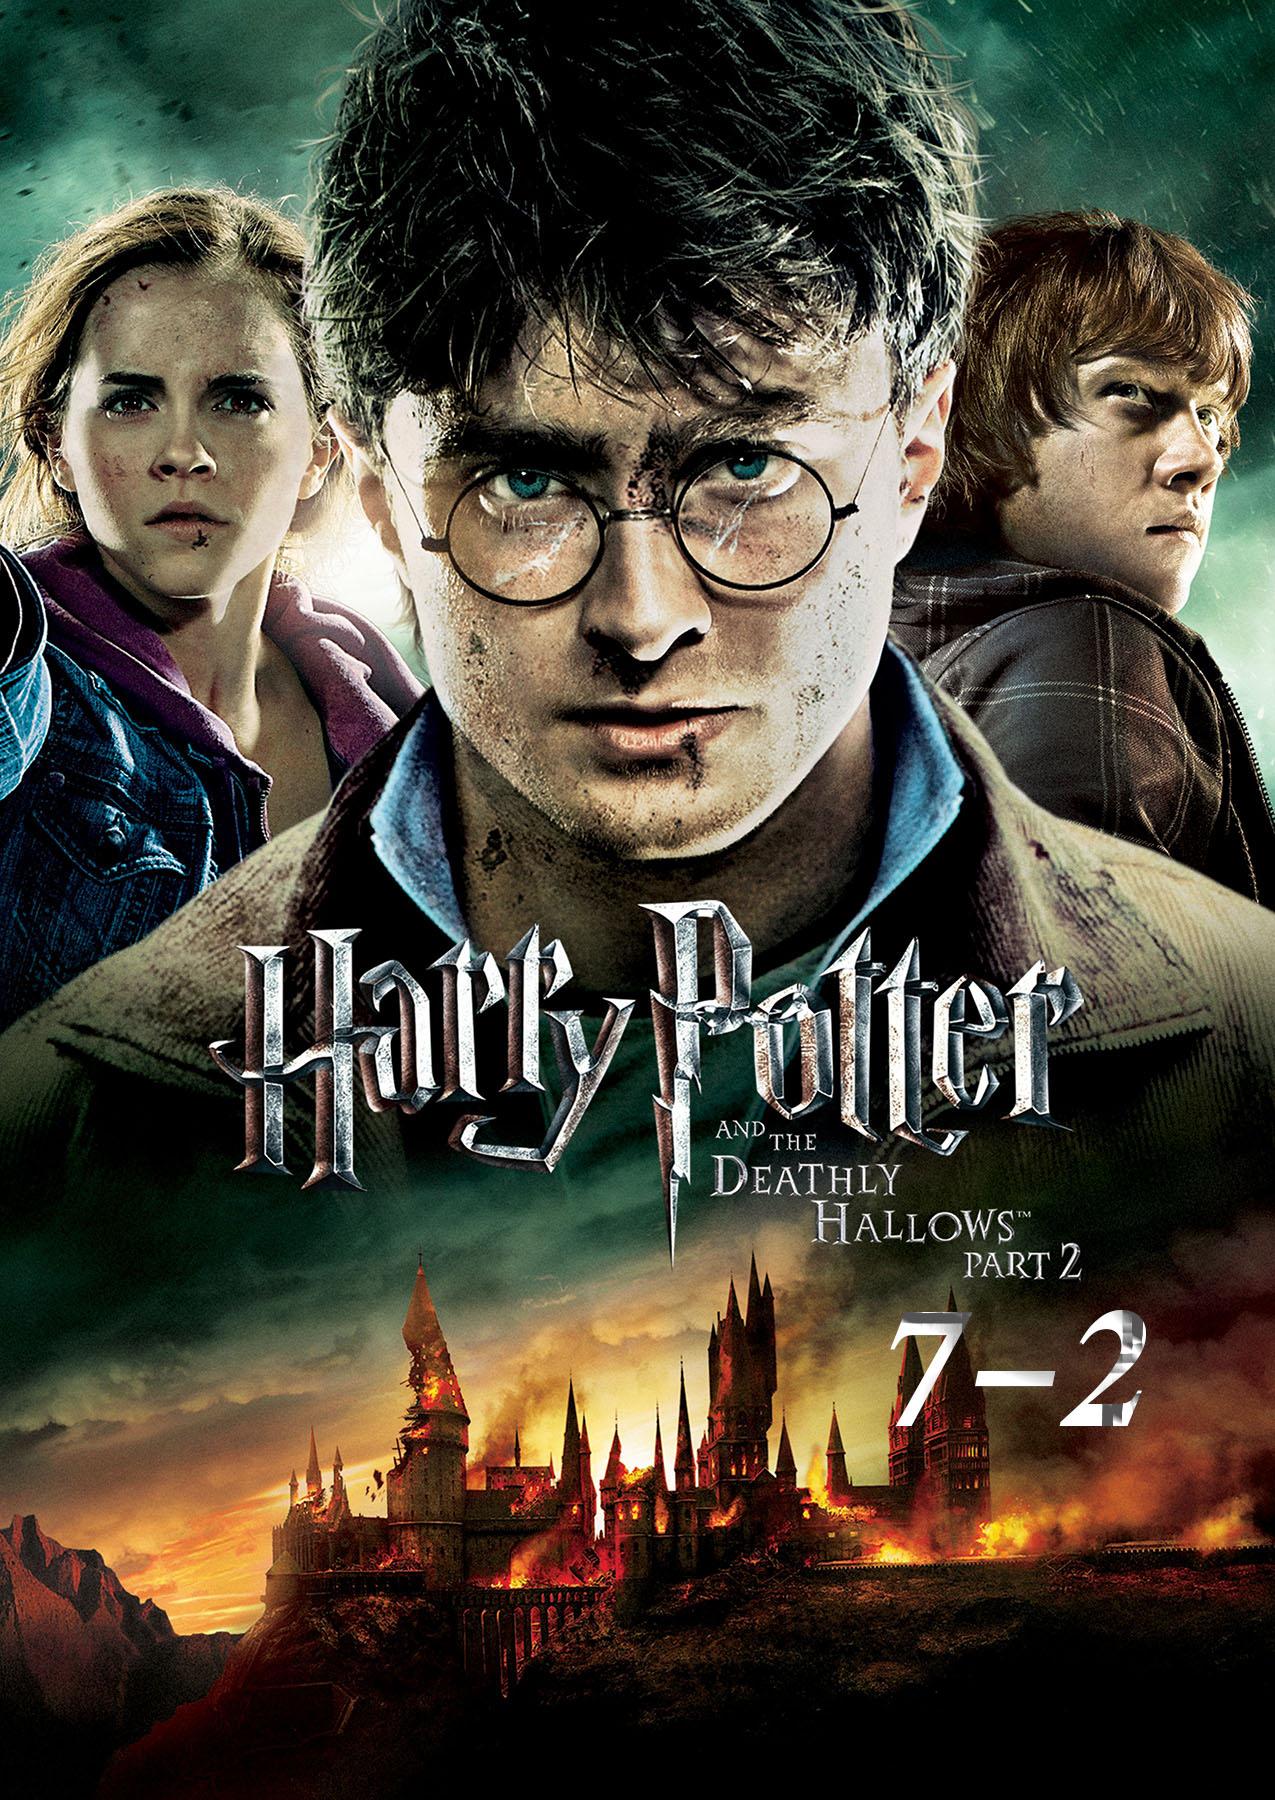 دانلود فیلم Harry Potter and the Deathly Hallows: Part 2 2011 با دوبله فارسی